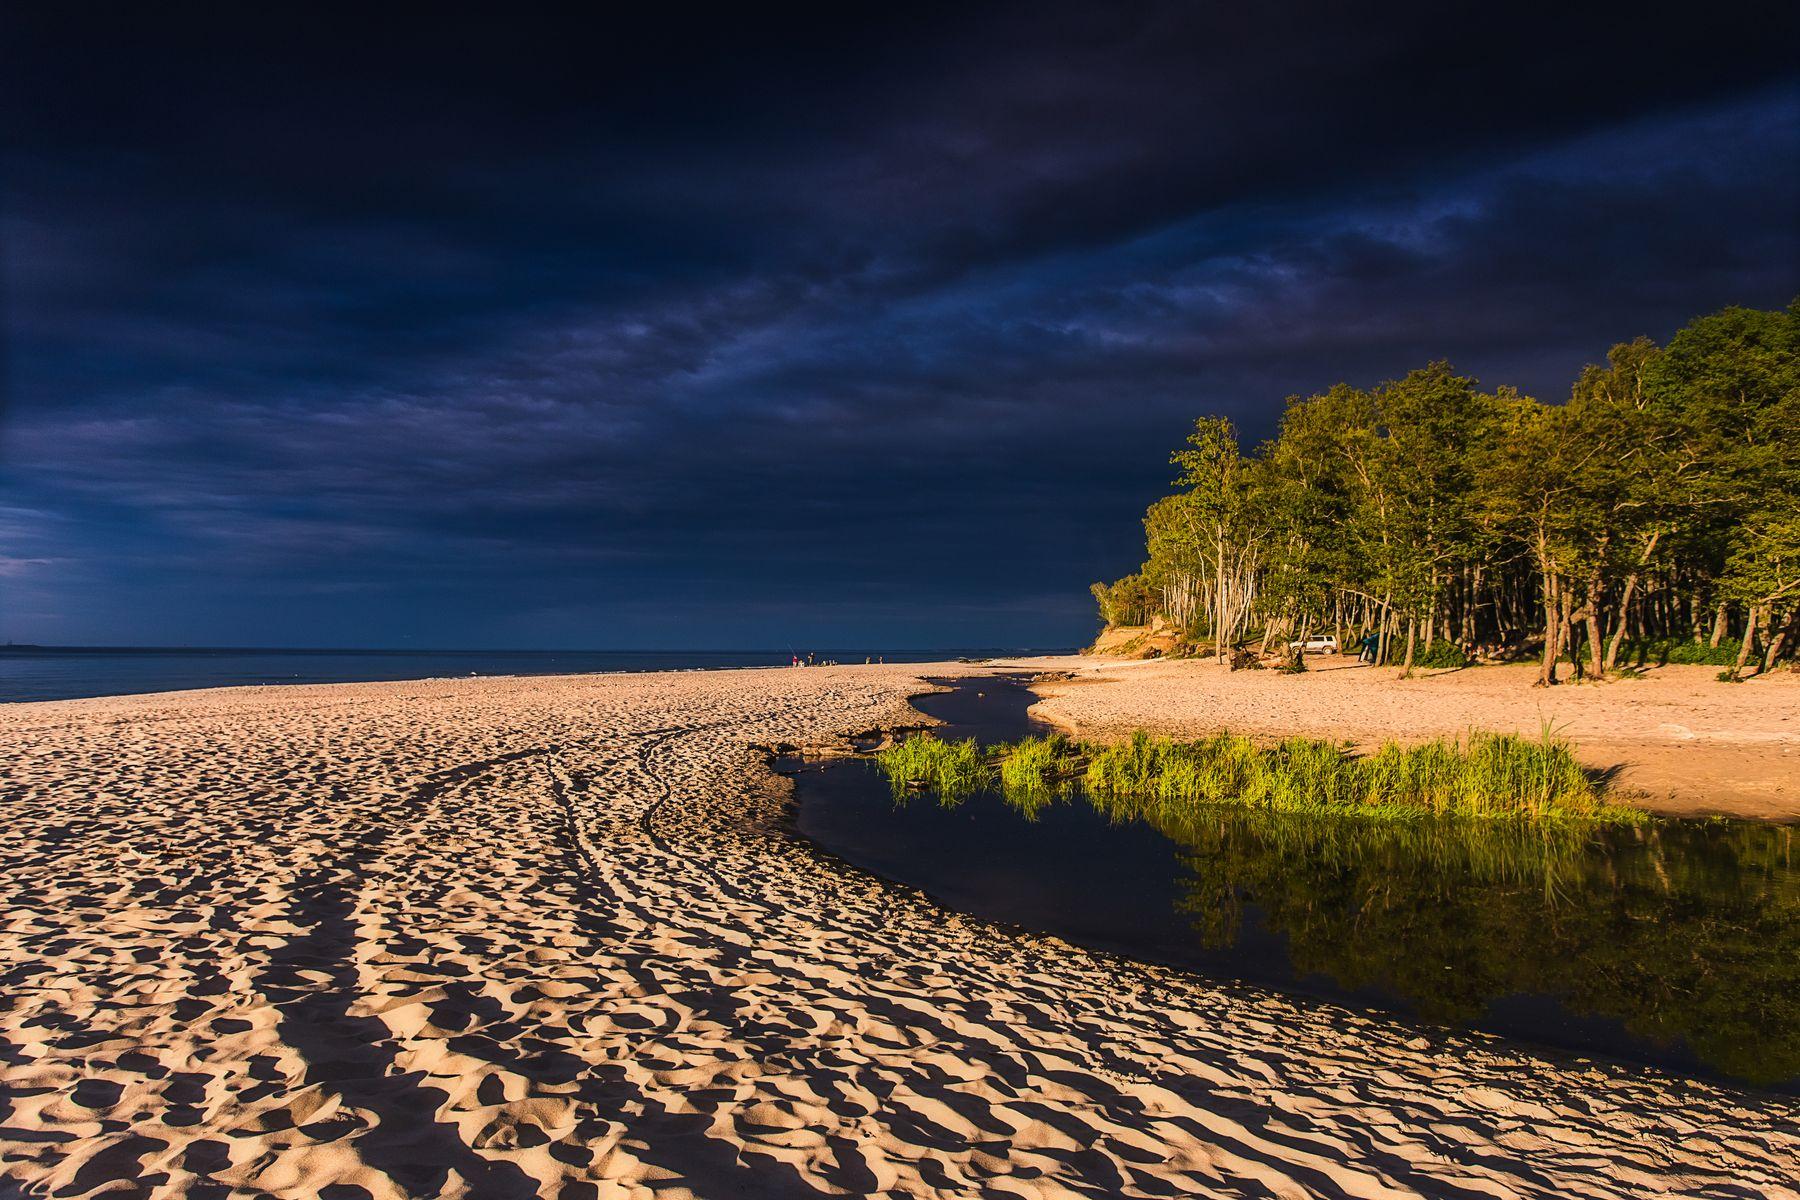 Контраст Балтийского берега Природа пейзаж море берег